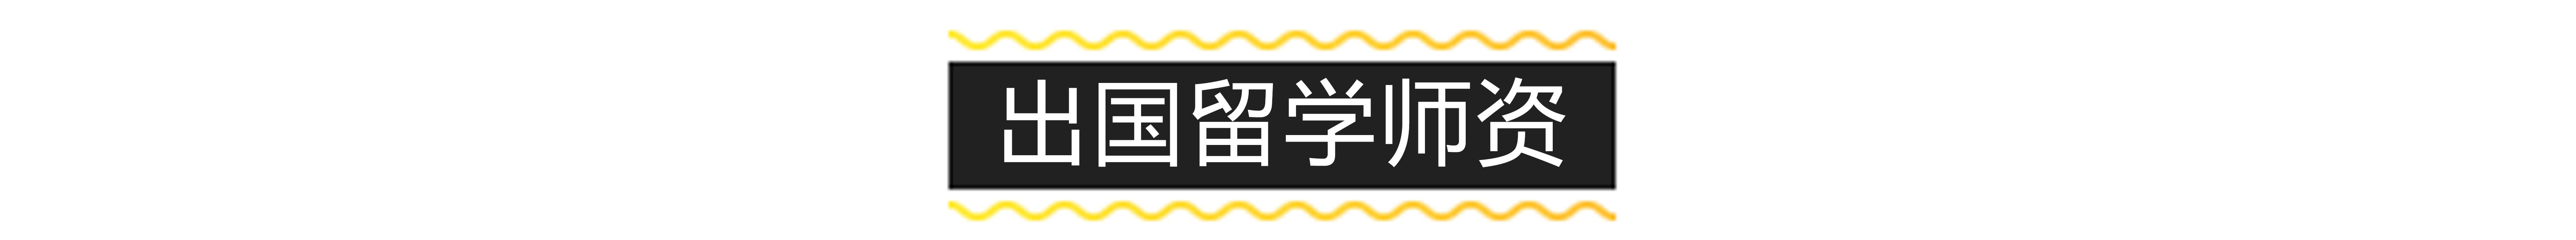 出国留学师资.jpg